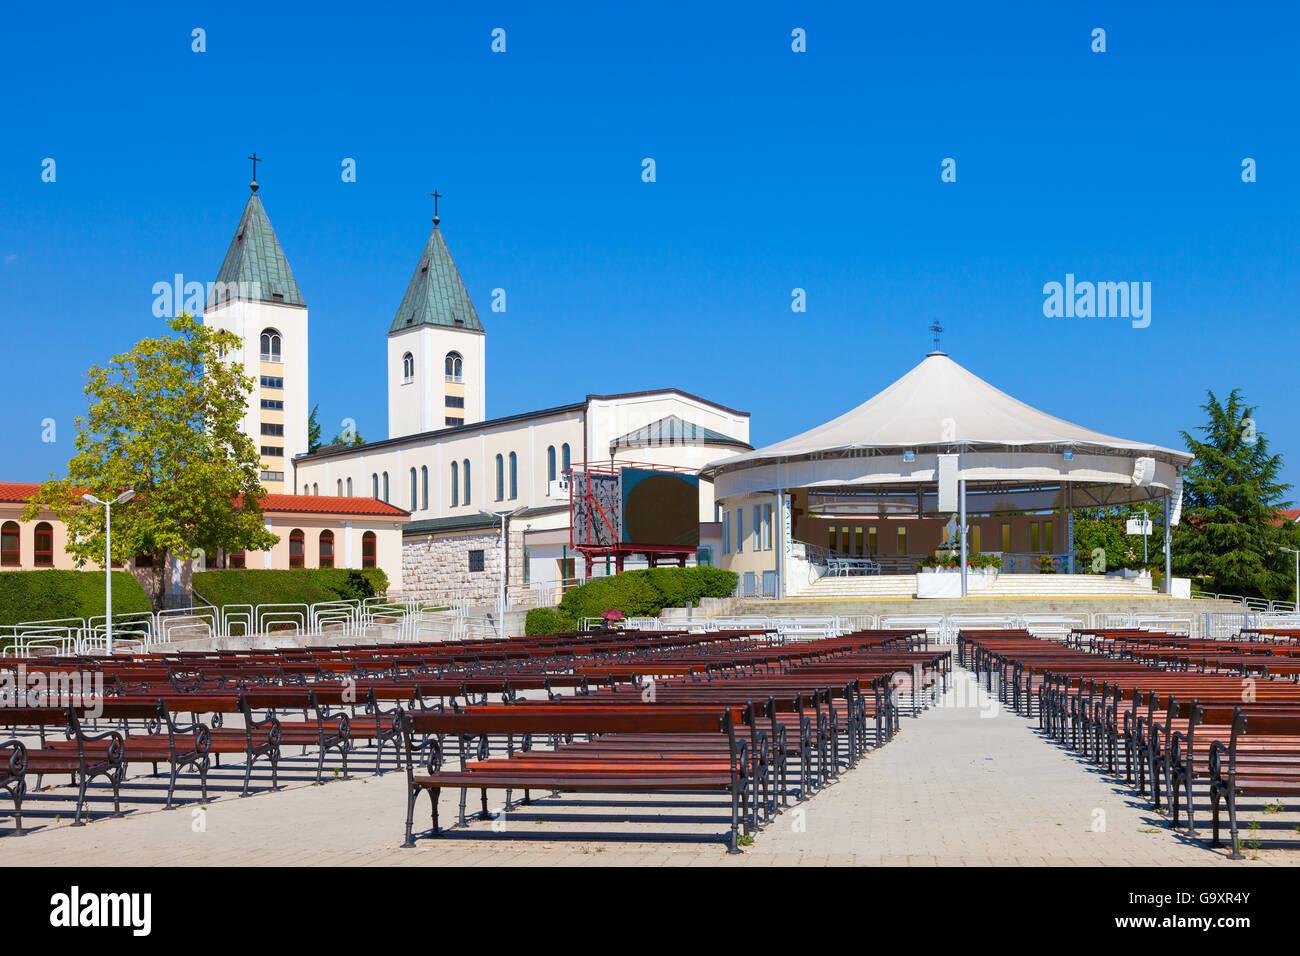 Saint James church of Medjugorje in Bosnia Herzegovina. - Stock Image